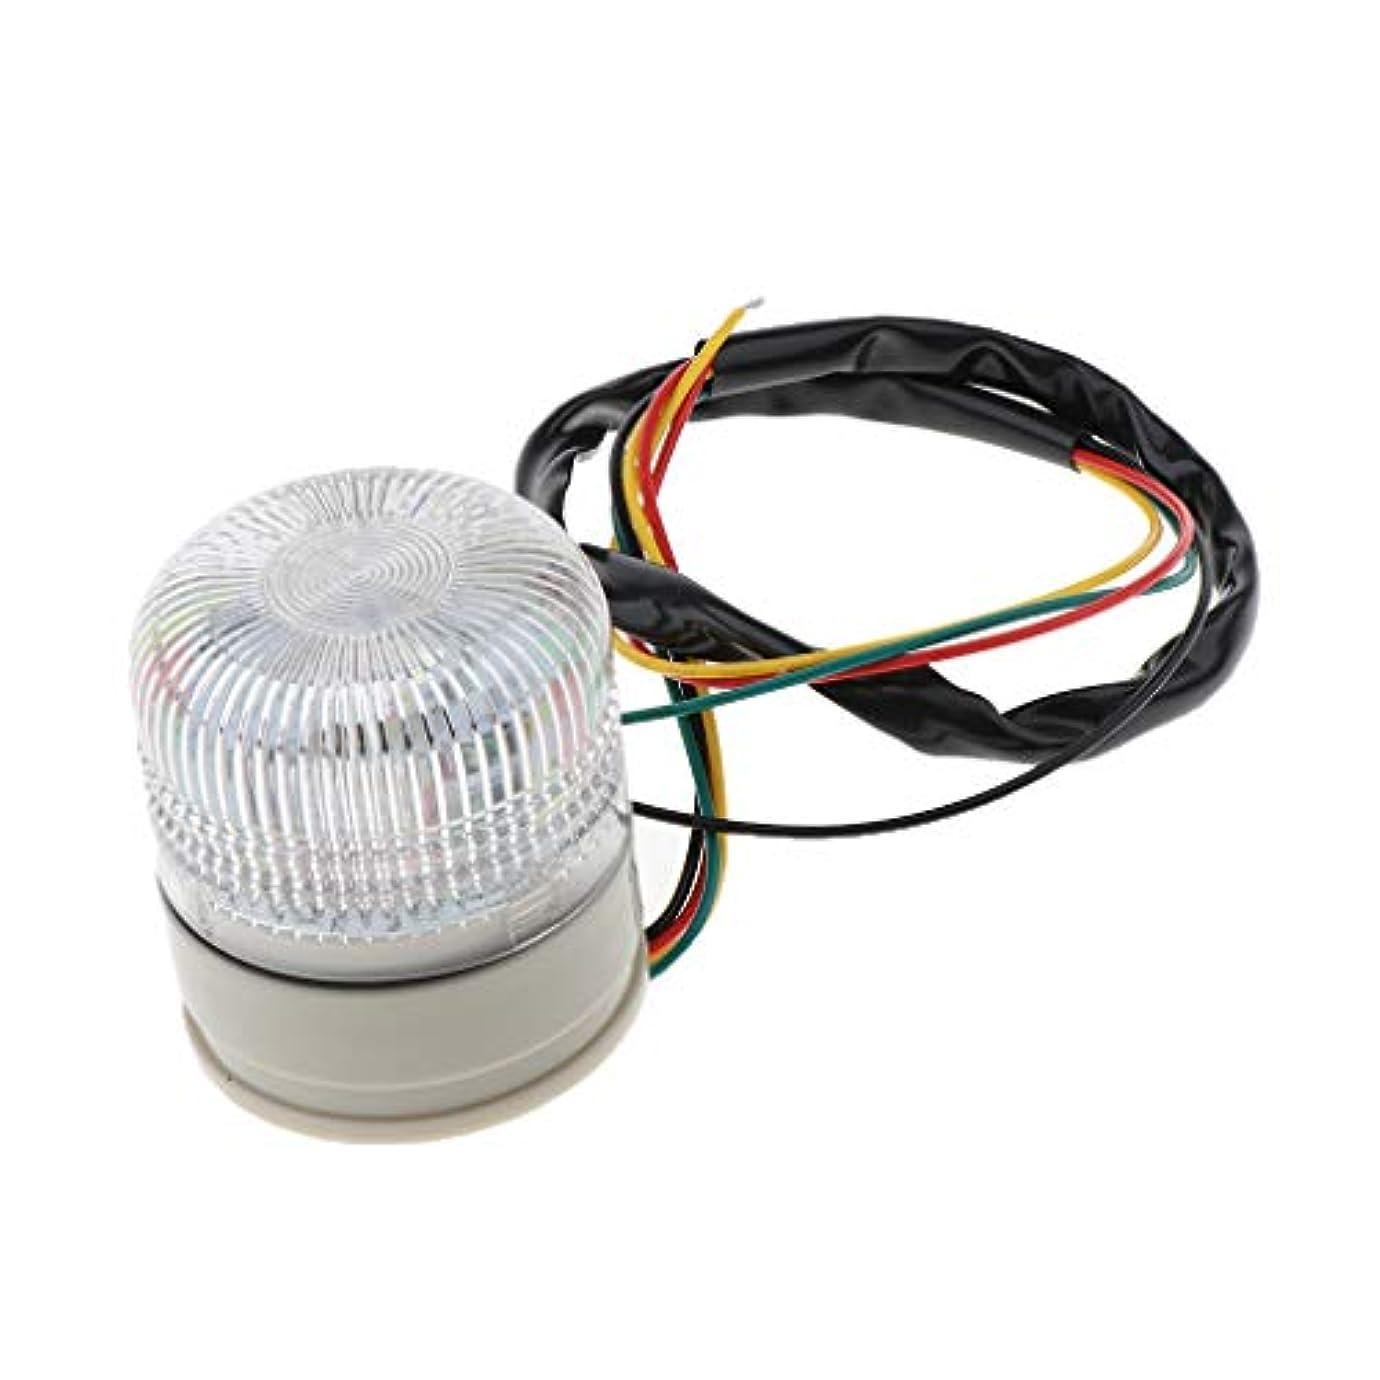 元気巧みな修羅場F Fityle 回転三色 LED 警報ランプライト 緊急 点滅信号警報ランプ